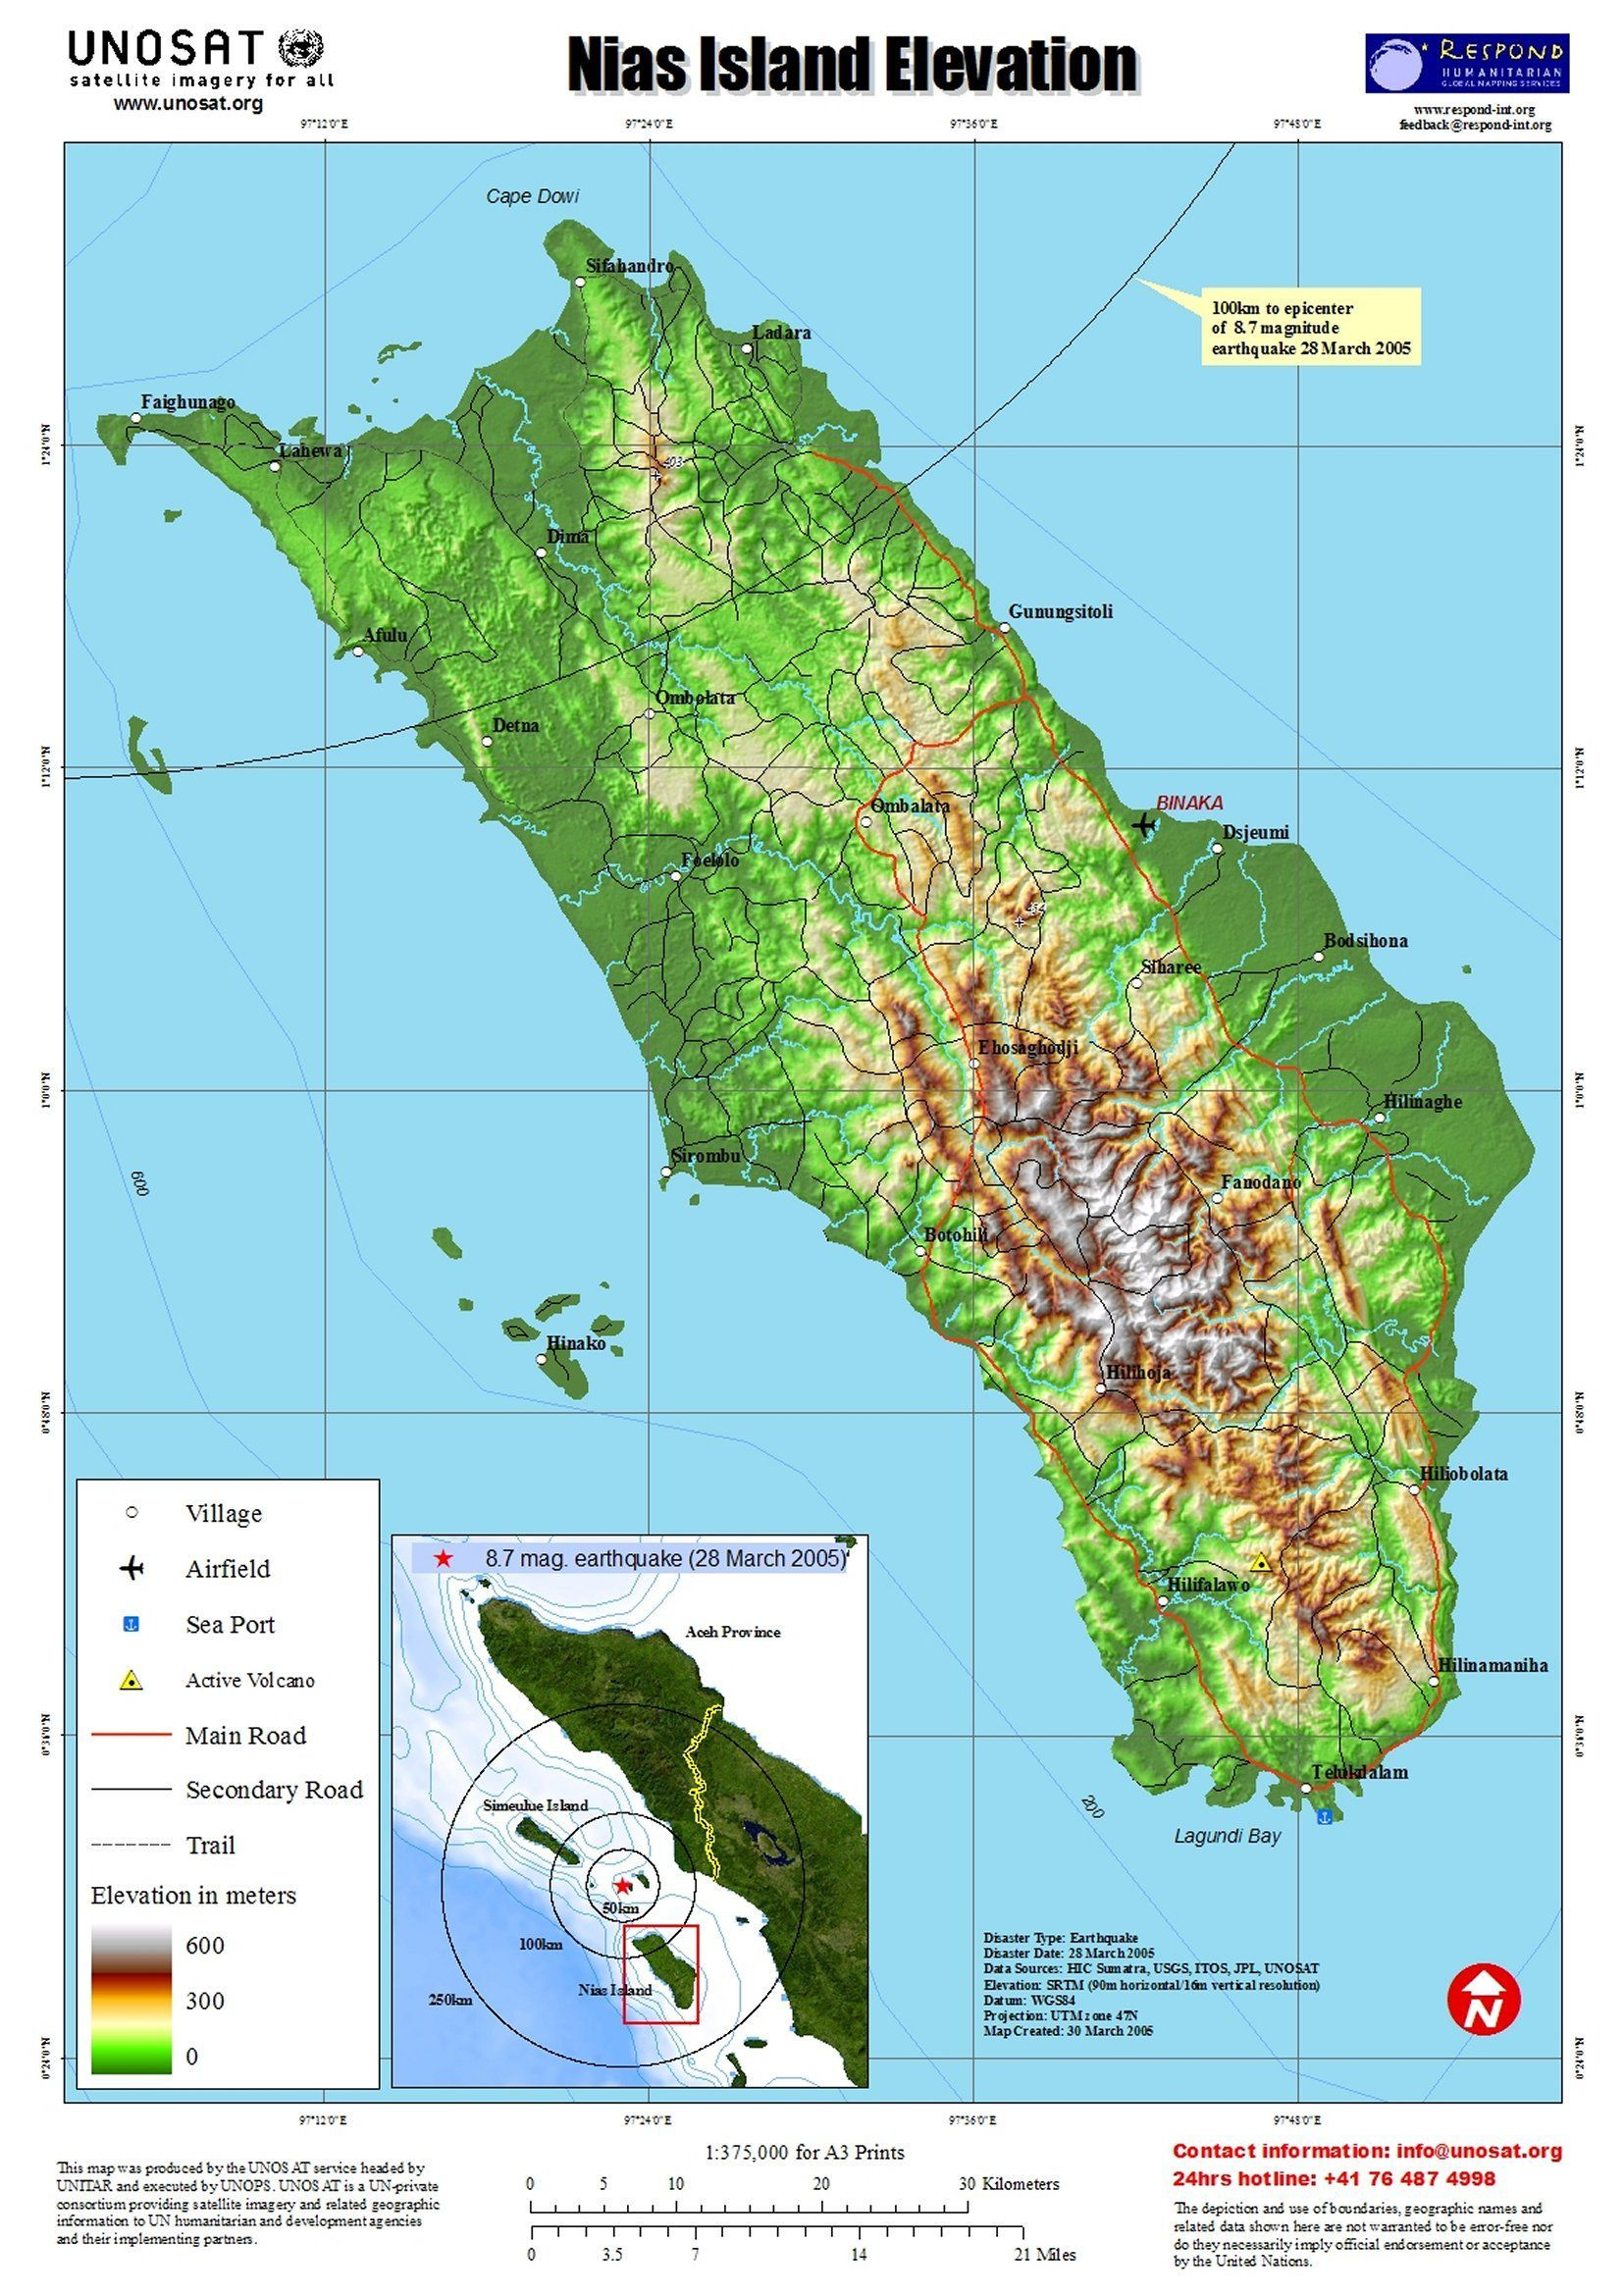 Pulau Nias Island Elevation And Earthquake Map Sumatra Utara - Norway elevation map